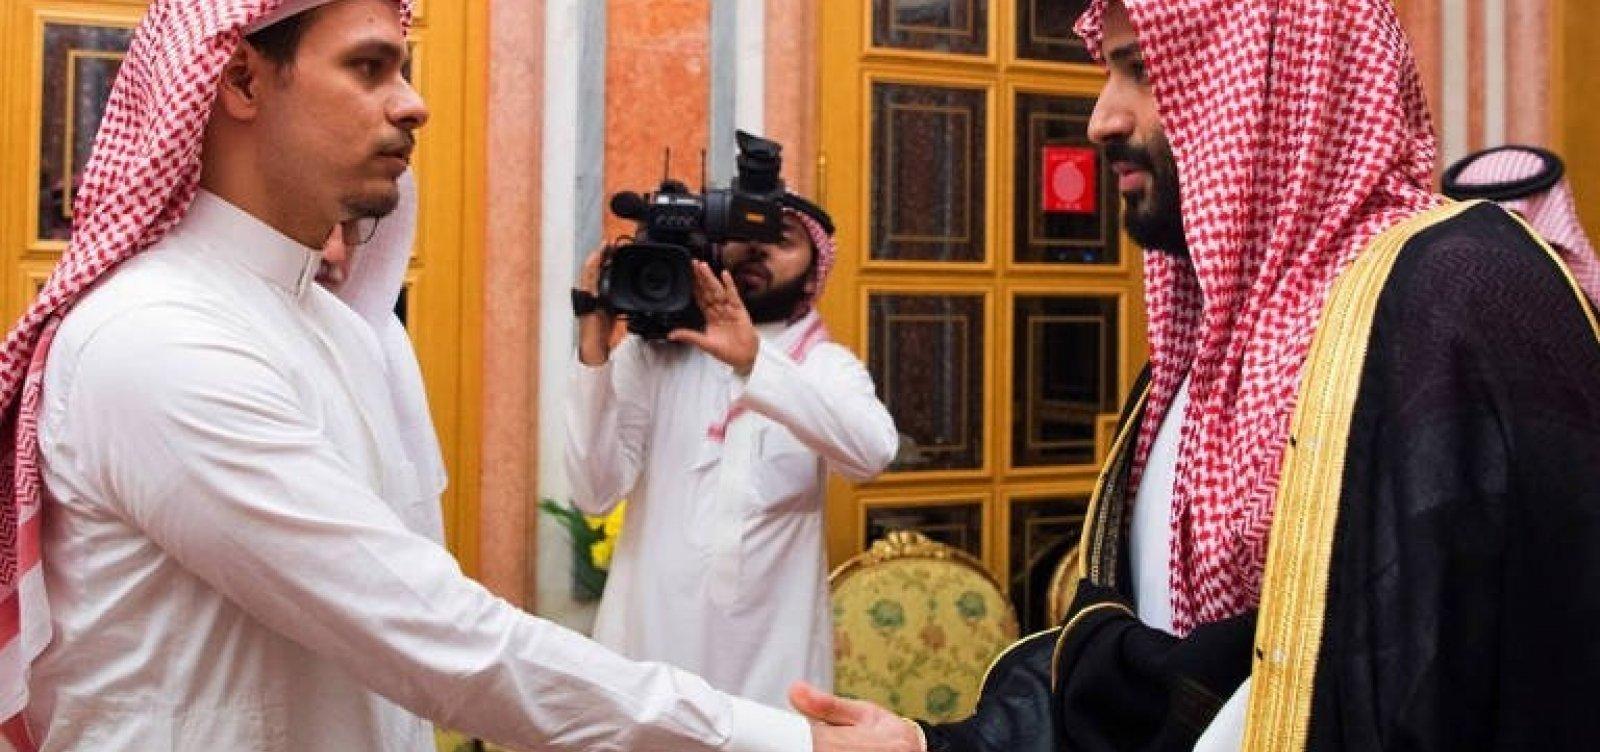 [Filho de jornalista assassinado deixa a Arábia Saudita com a família, diz ONG ]